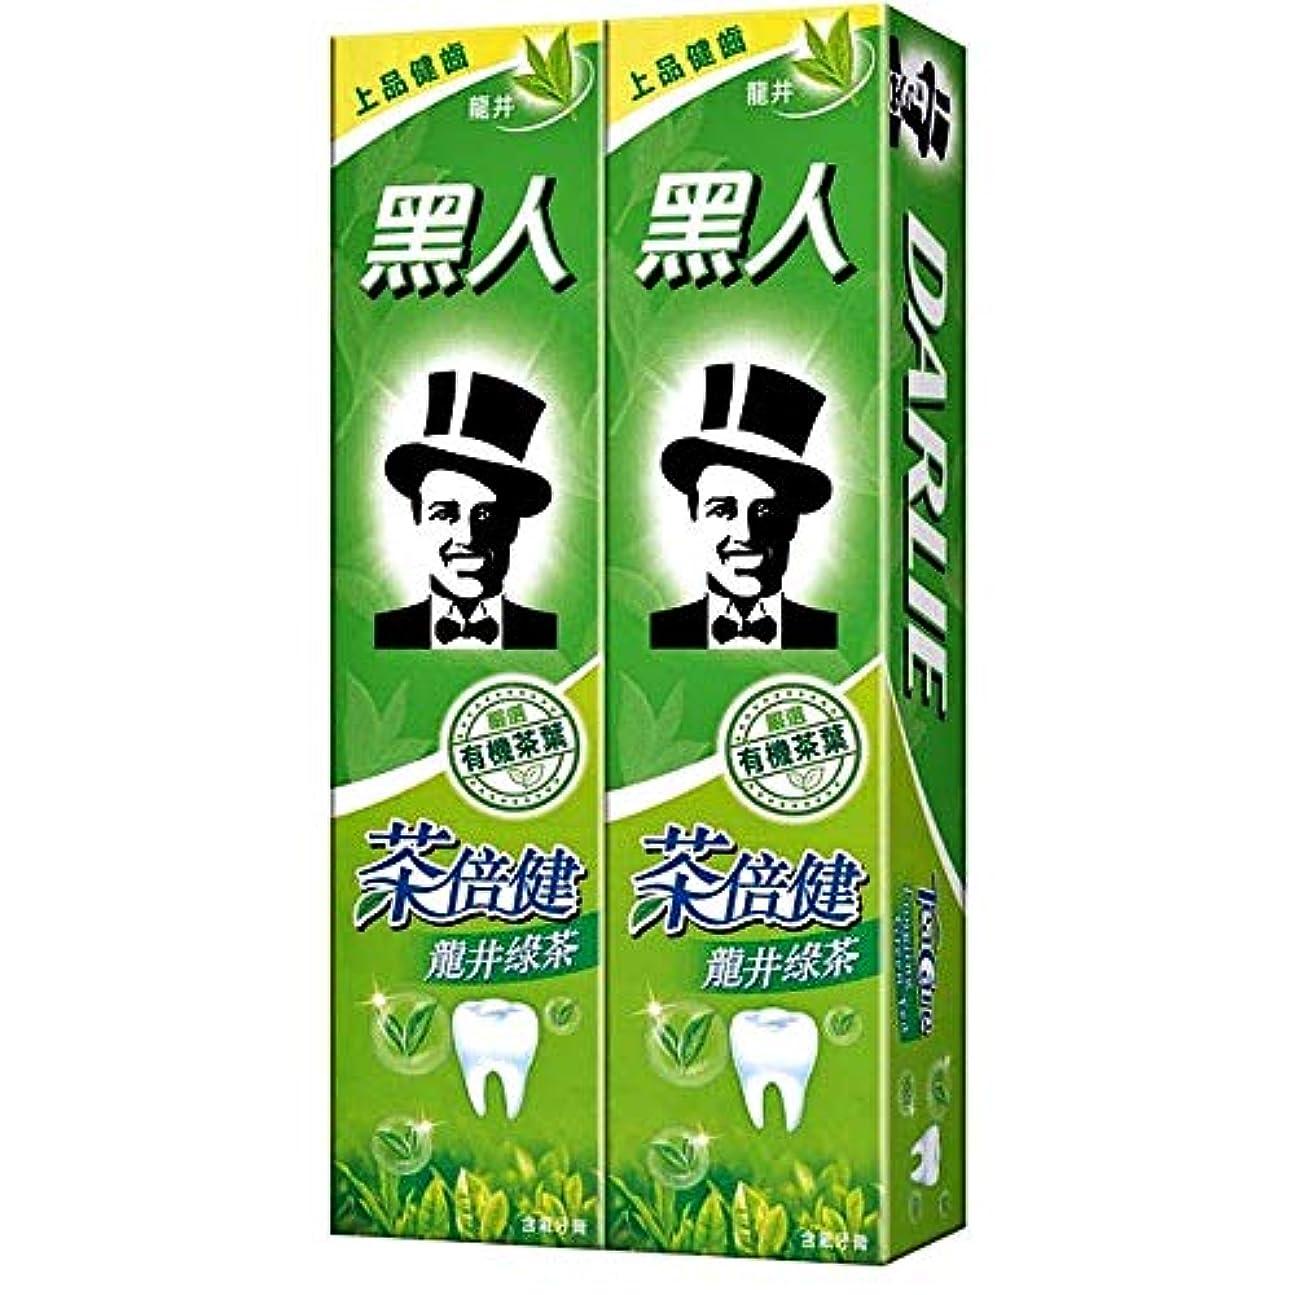 依存十年廃止する黑人 茶倍健 龍井緑茶 緑茶成分歯磨き粉配合160g×2 [並行輸入品]